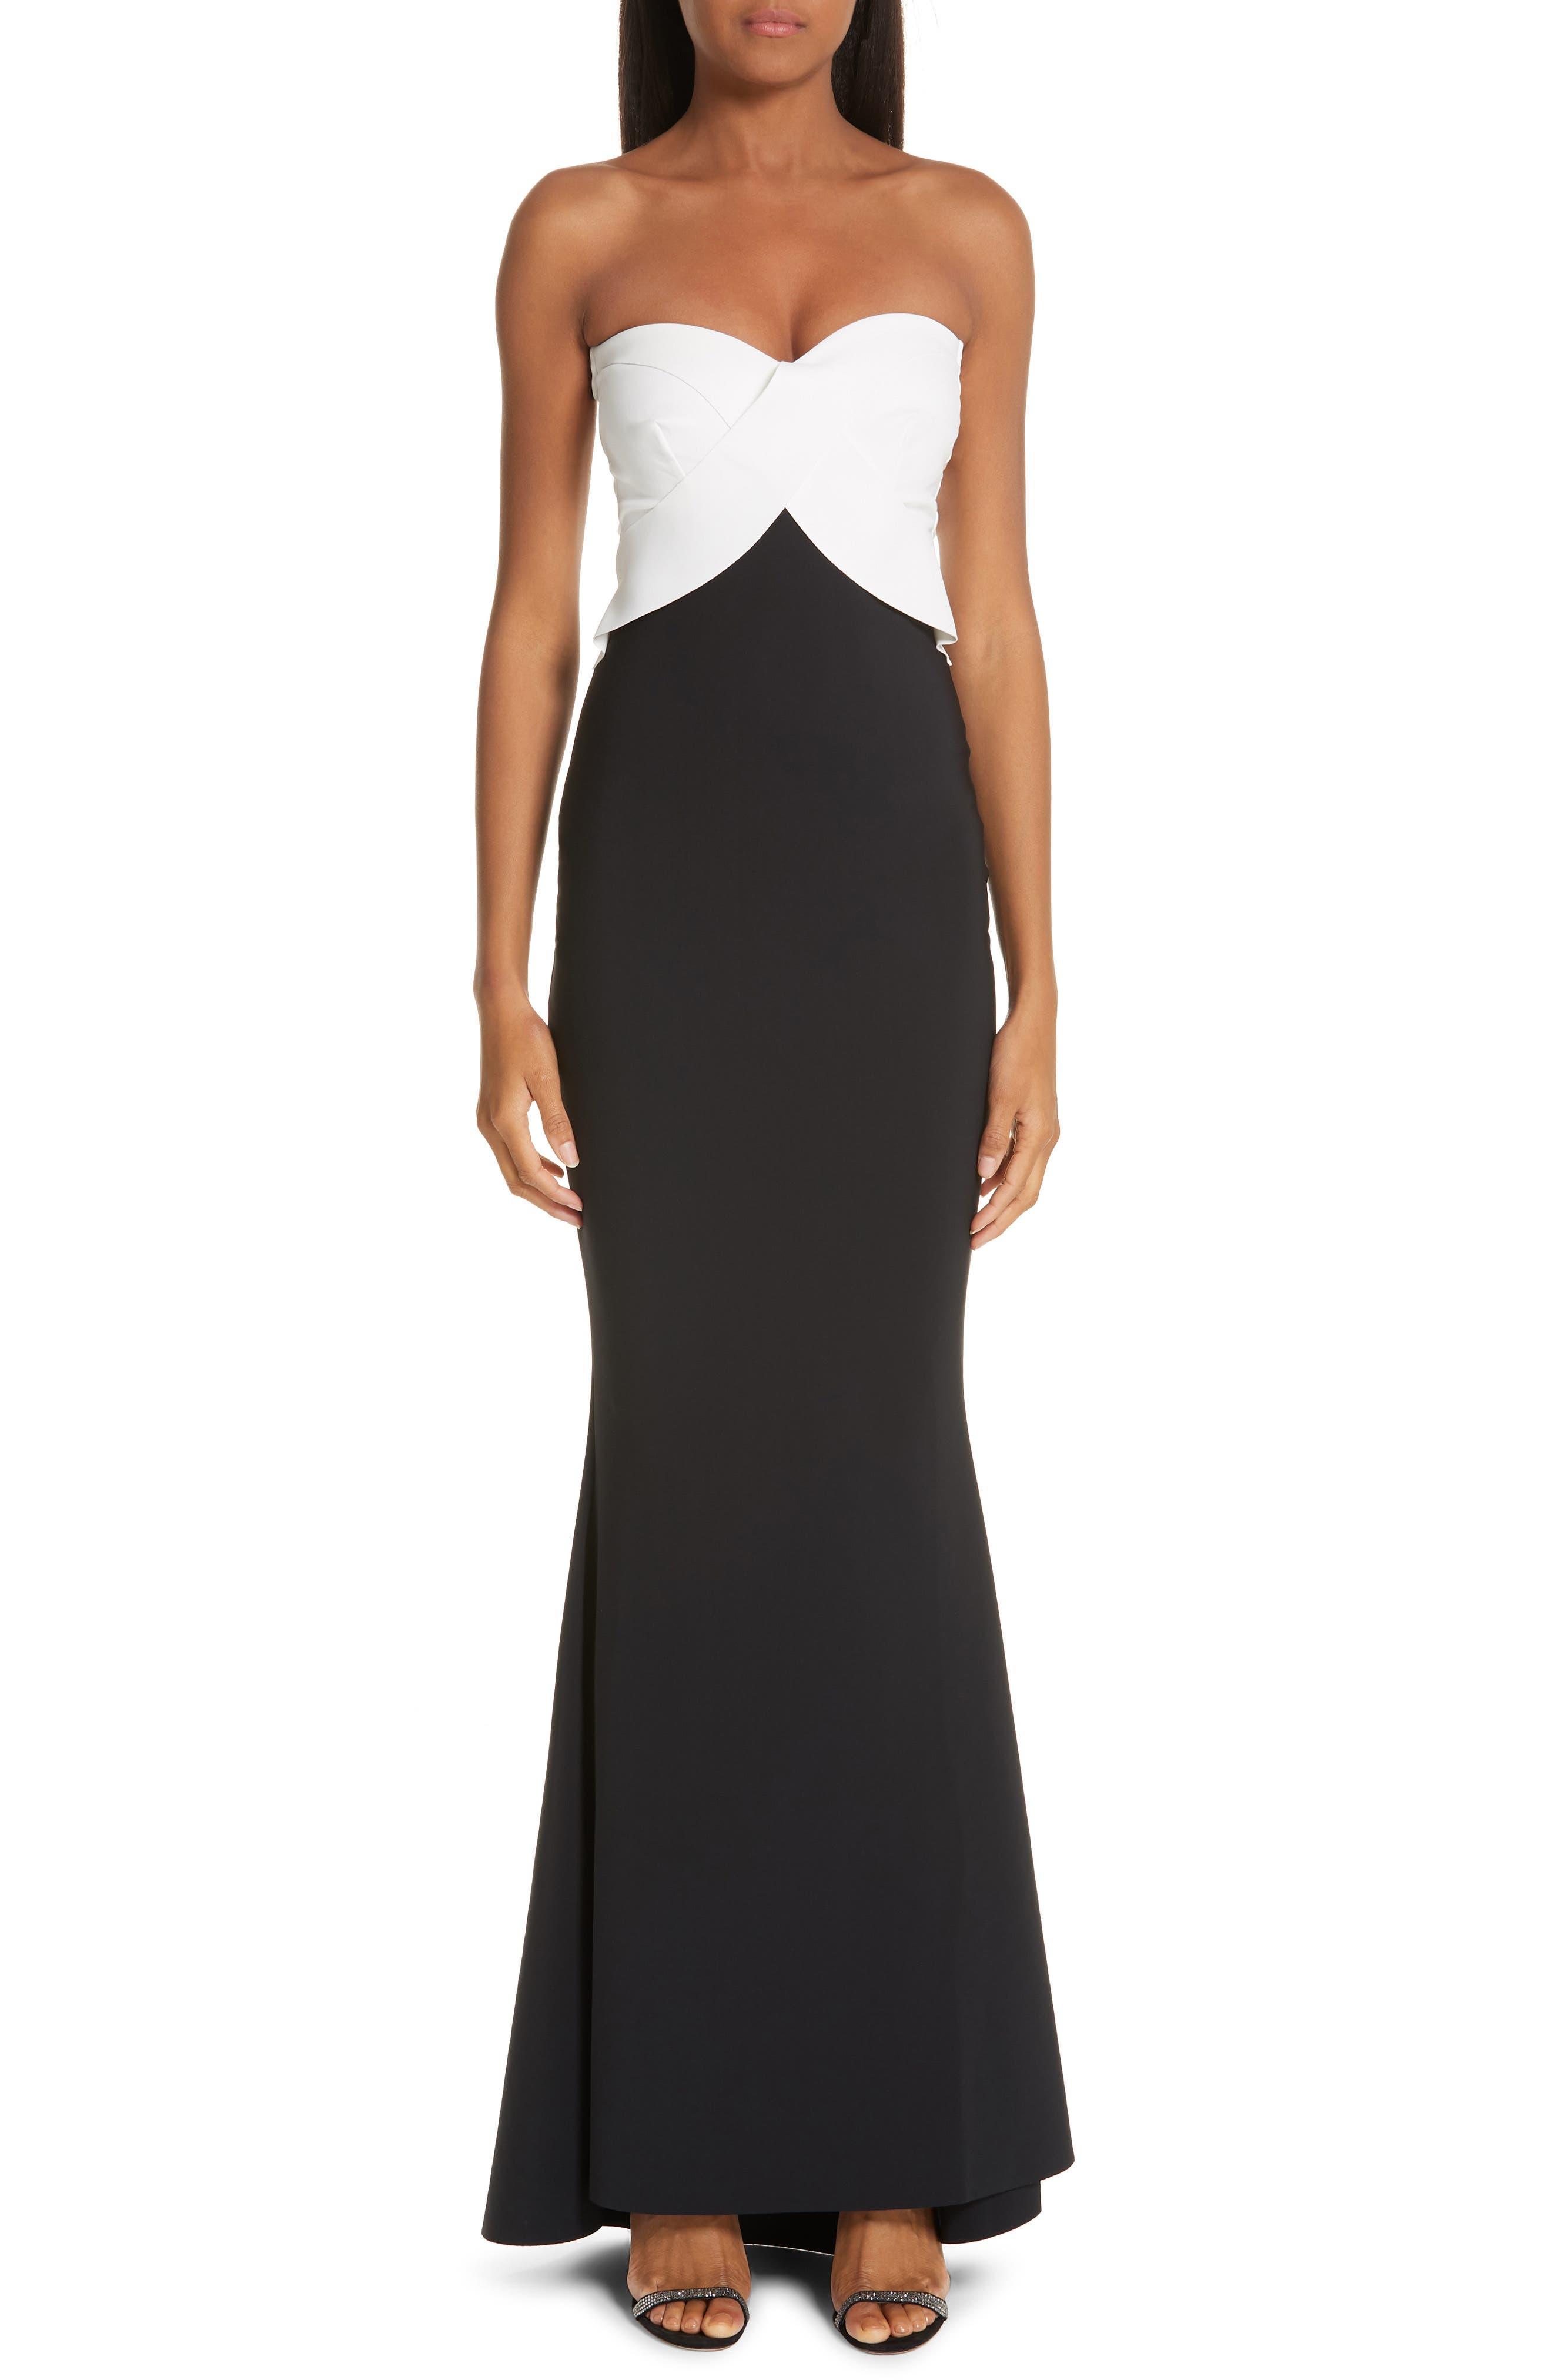 Chiara Boni La Petite Robe Strapless Colorblock Evening Dress, 50 IT - Black